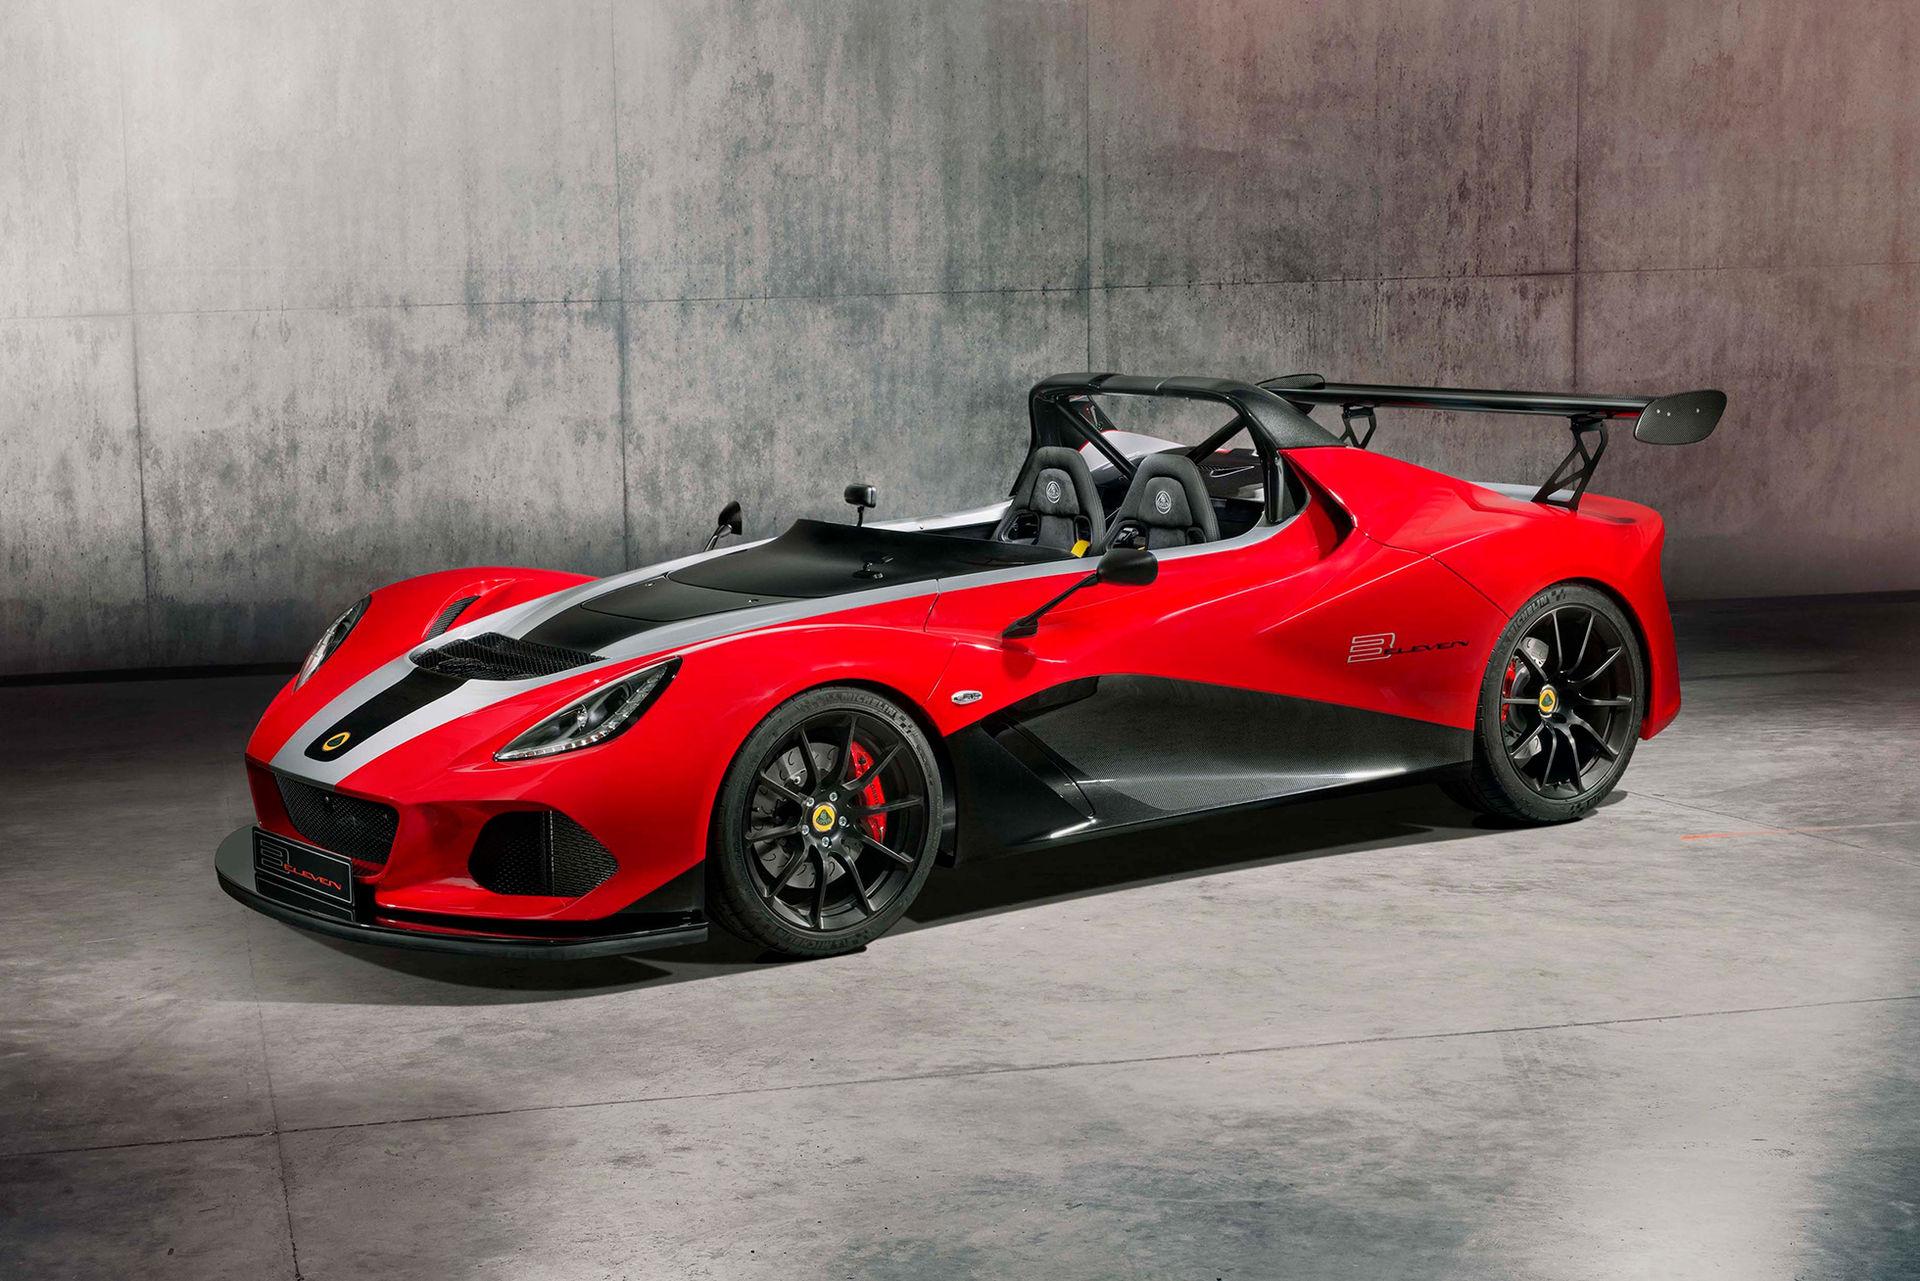 Lotus firar av modellen Lotus 3-Eleven